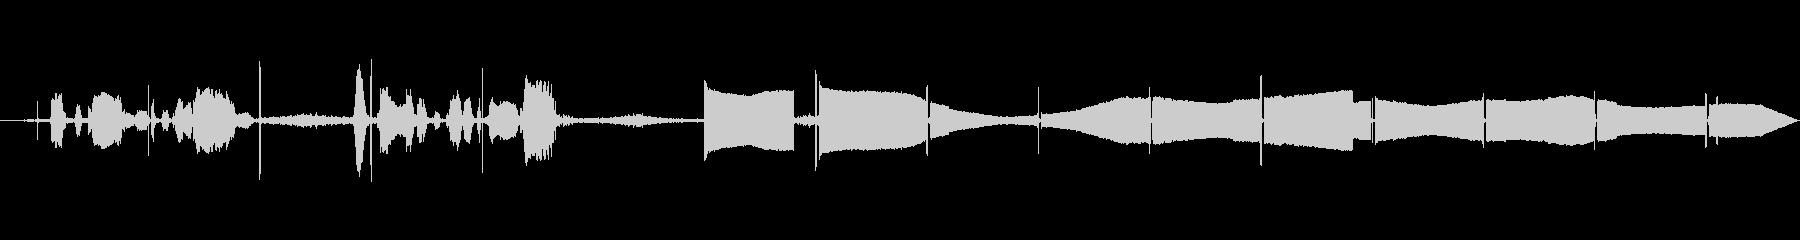 タイムシグナル、アメリカの電話の未再生の波形